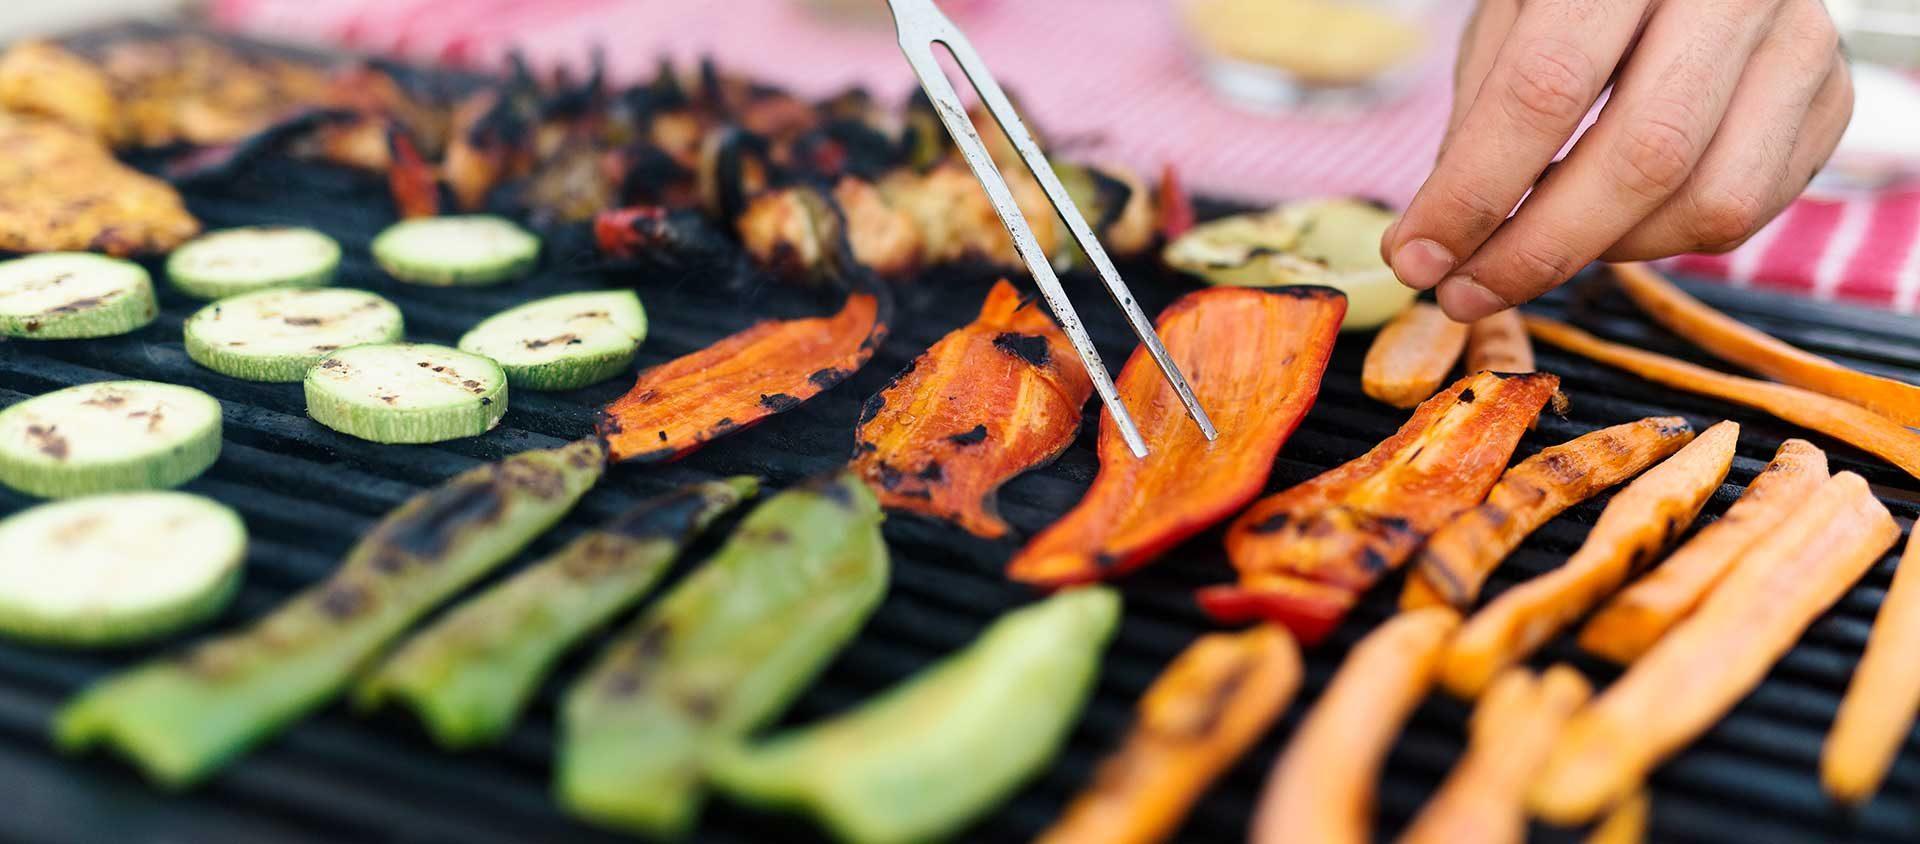 Saiba mais sobre o vegetarianismo